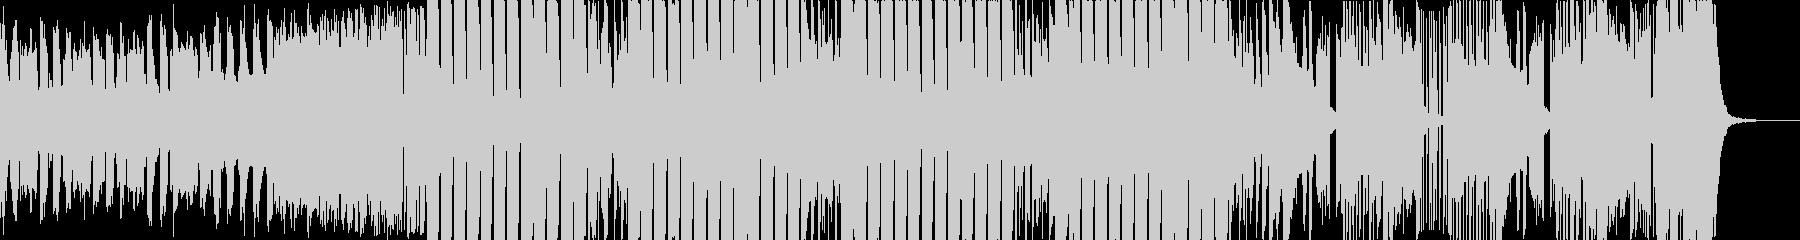 低音が強めに響くEDMの未再生の波形